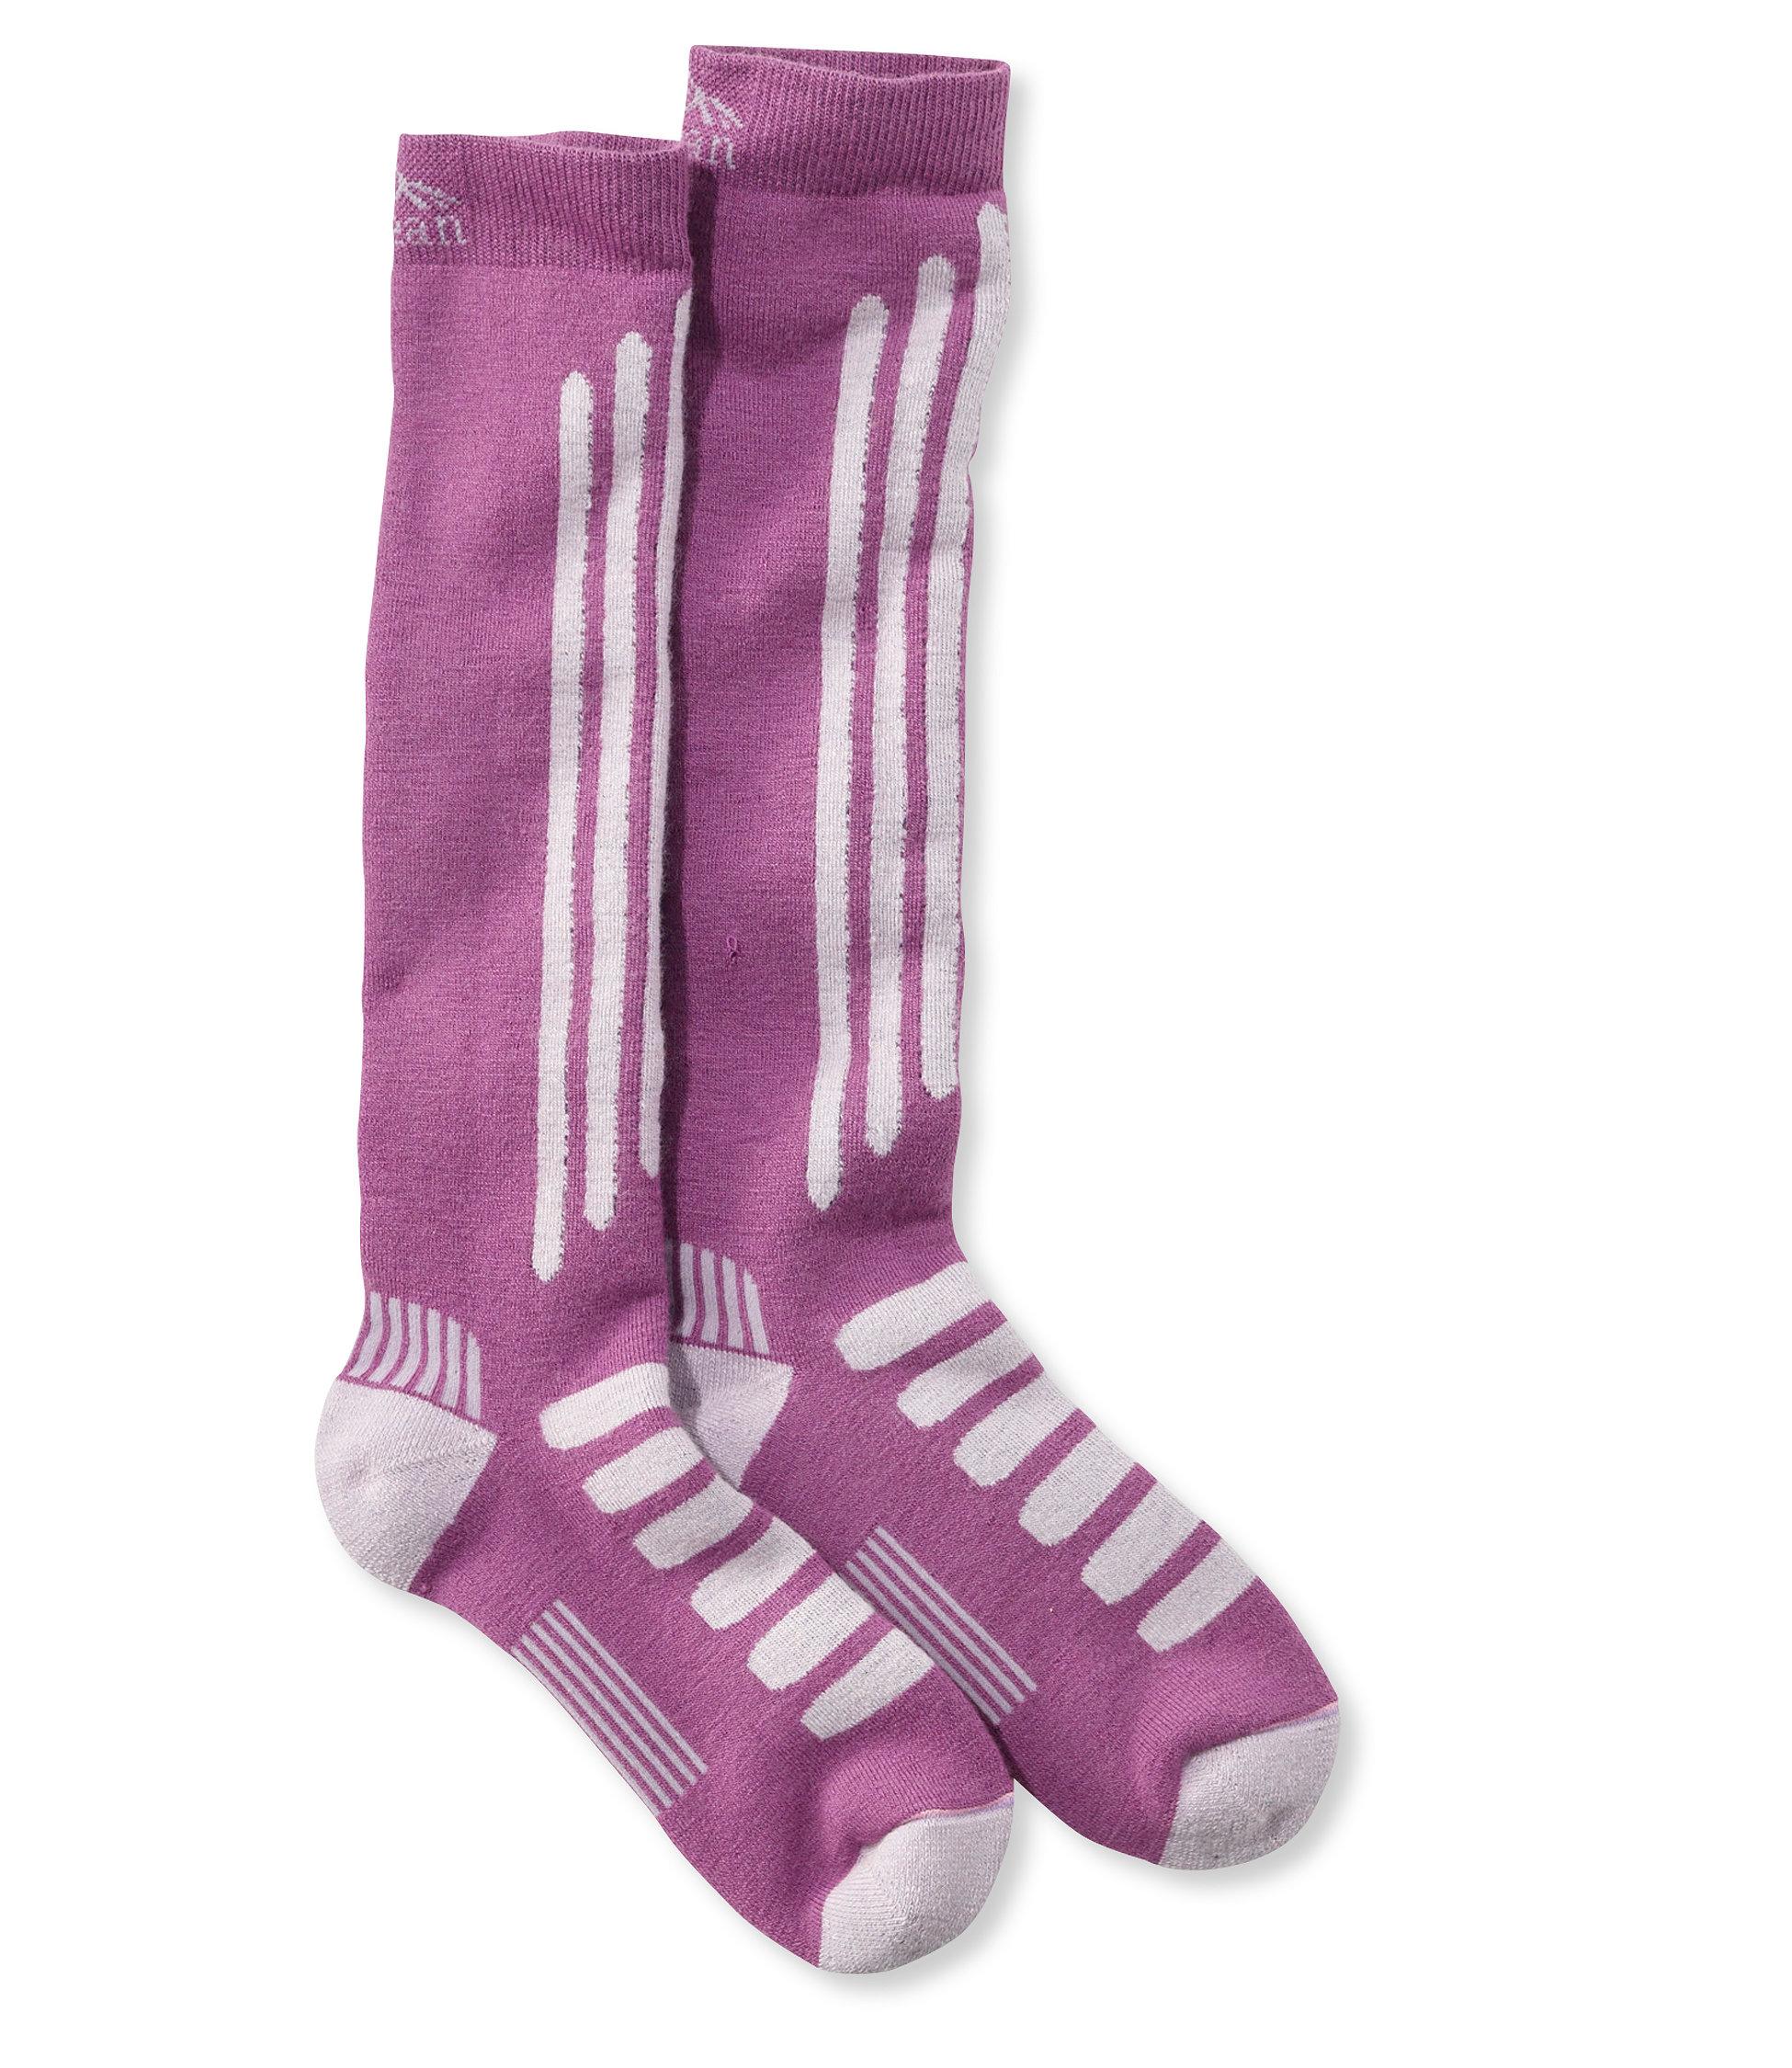 L.L.Bean Alpine Ski Socks, Lightweight